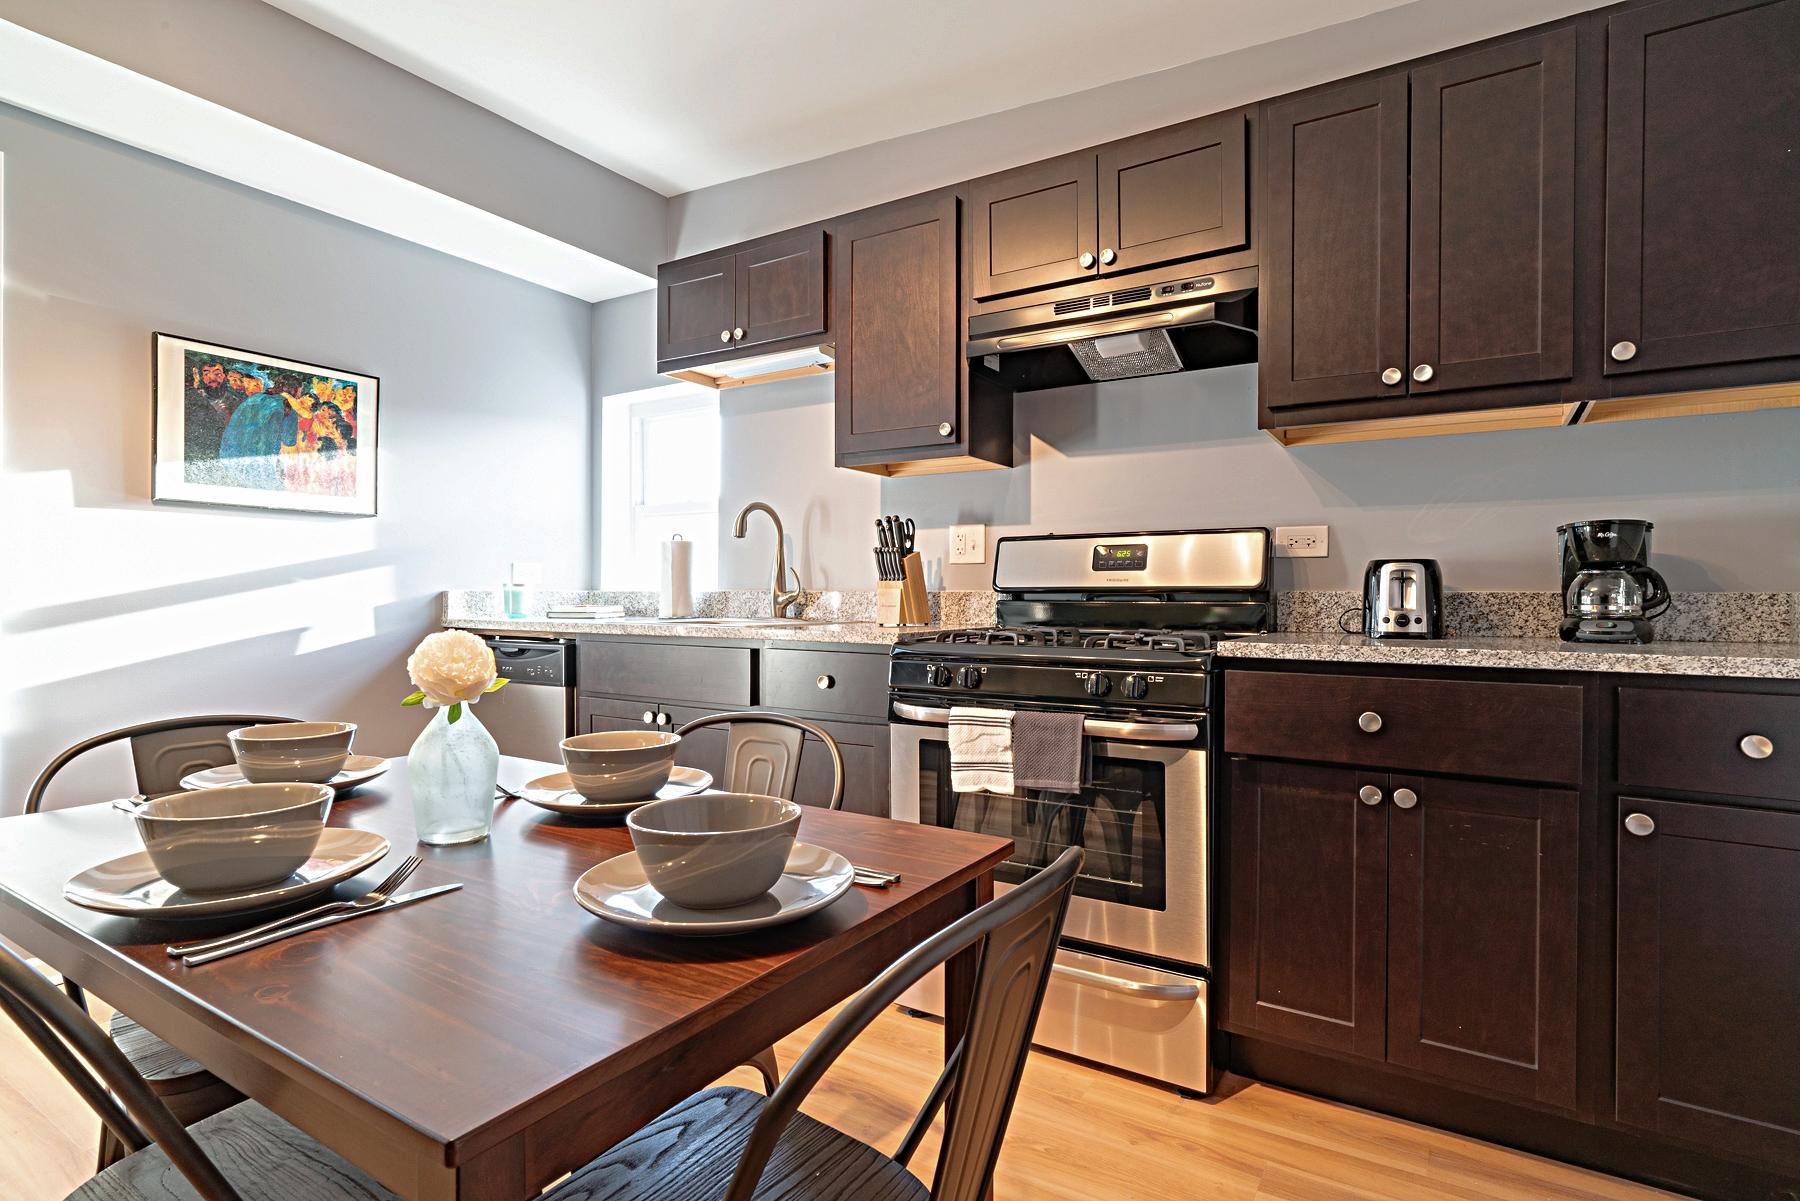 Rodesta Stratus Suite (2 bedroom) - Pilsen neighborhood - Chicago, IL